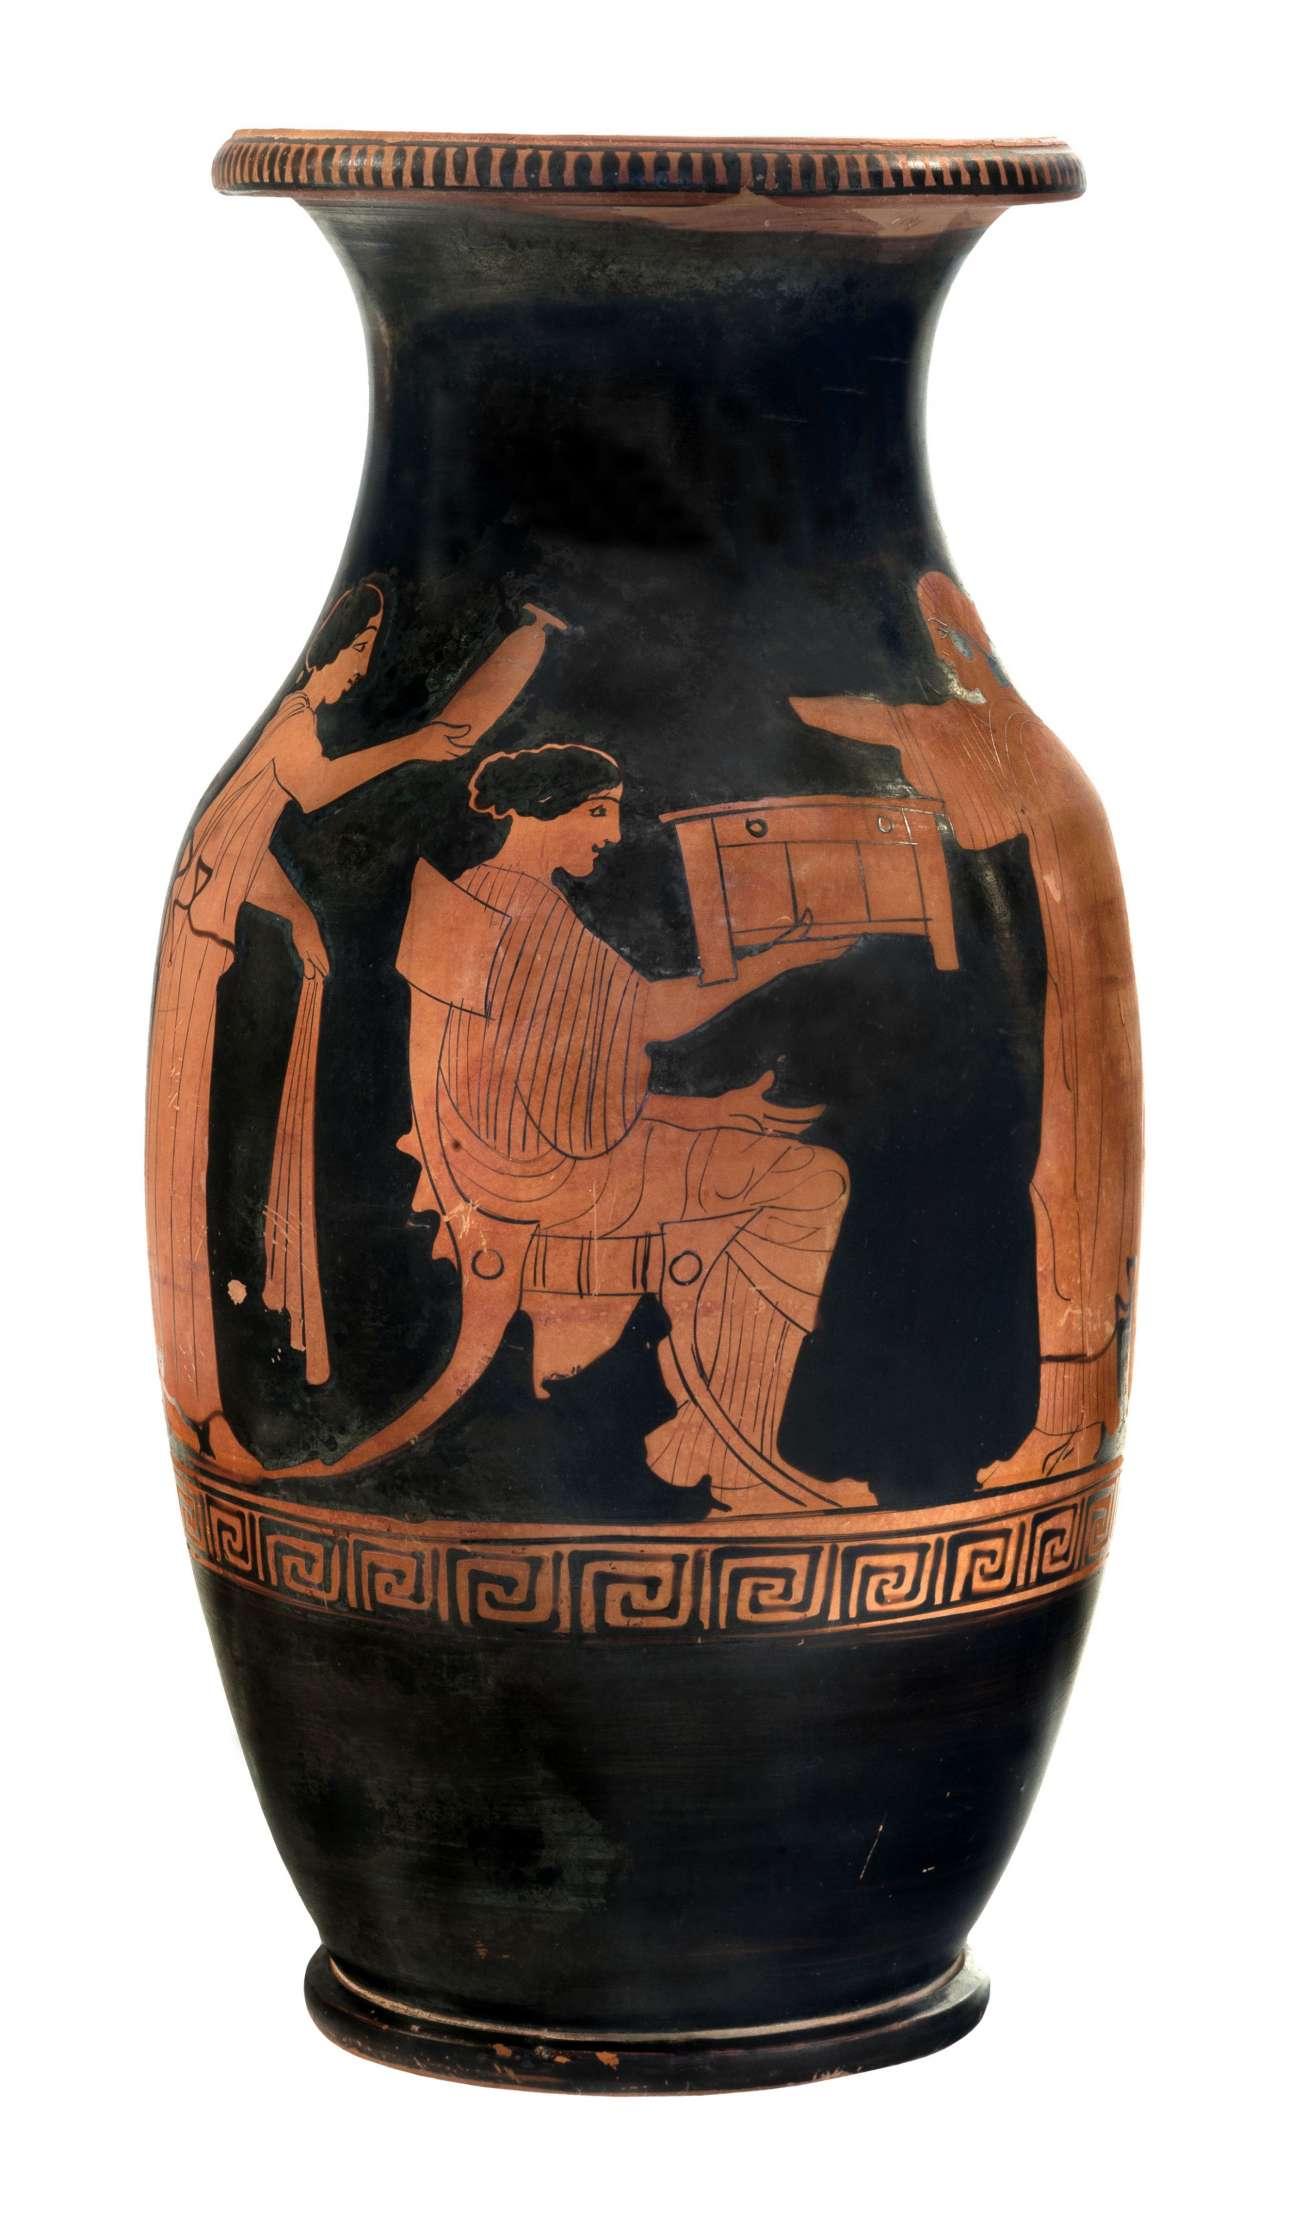 Ερυθρόμορφη όλπη από το Μόδι Λοκρίδας (περ. 440 π.Χ.) (© ΕΑΜ/ΤΑΠ. Φωτ. Σ. Μαυρομμάτης)